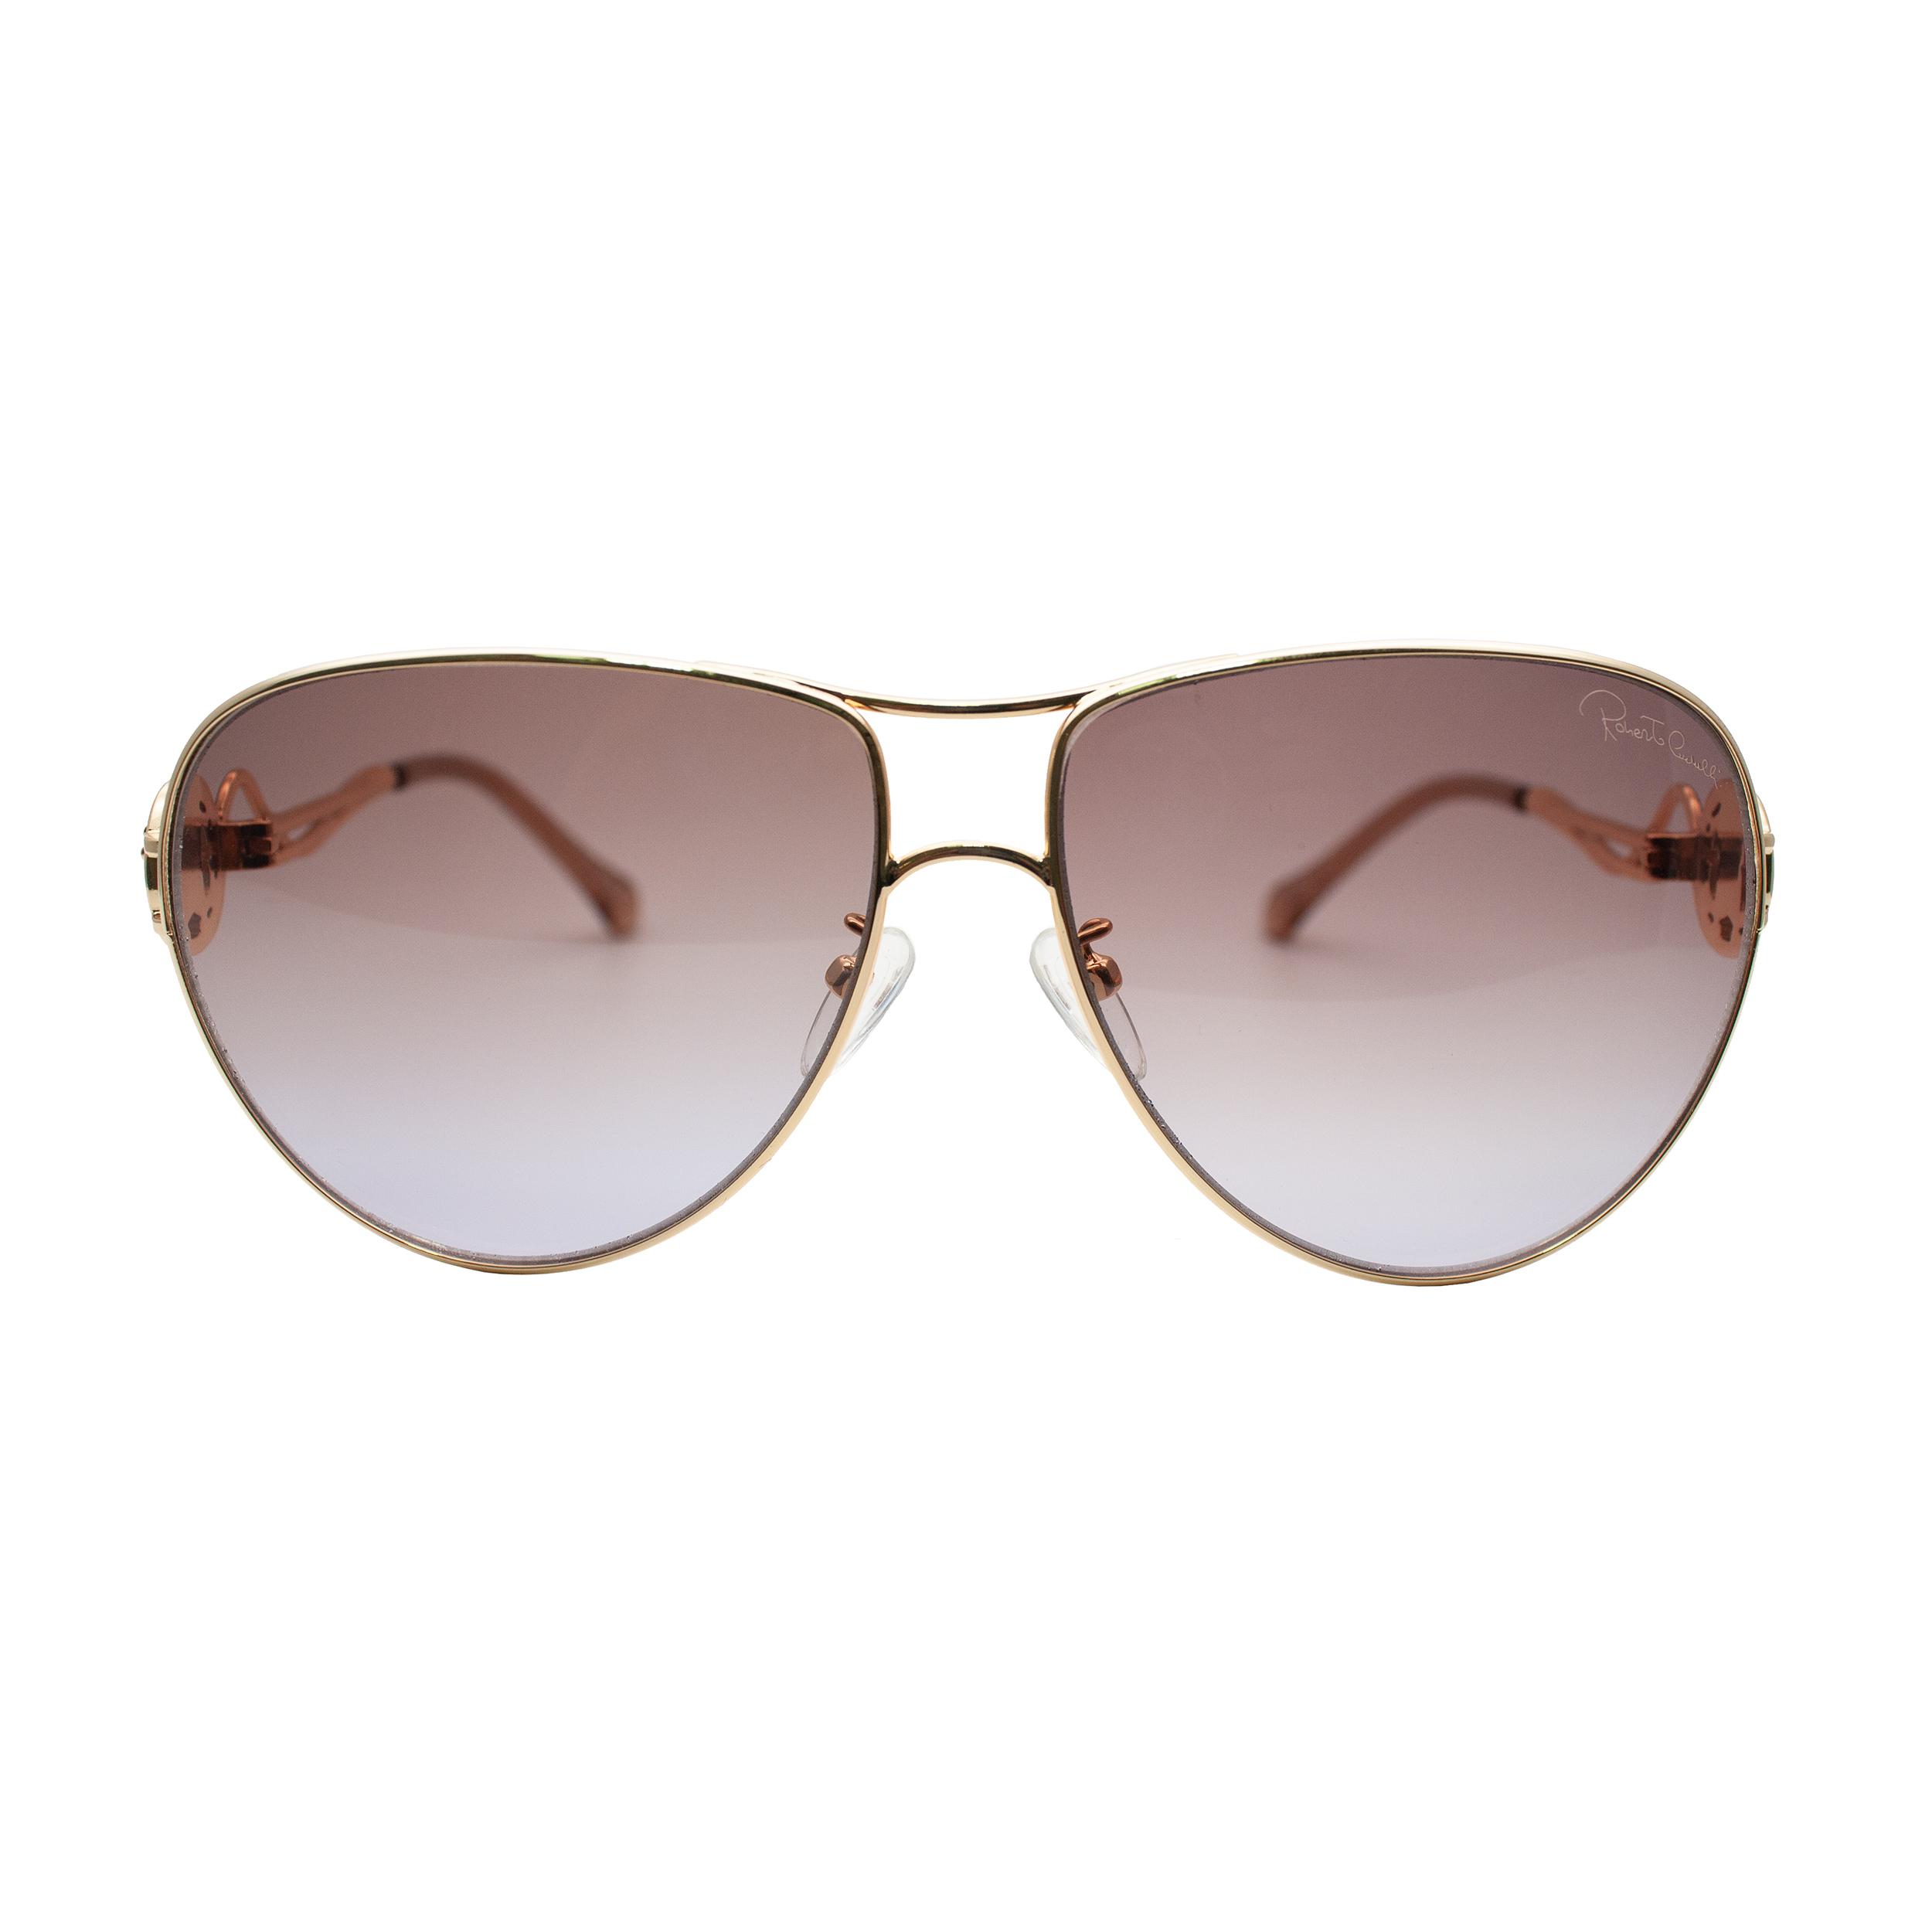 عینک آفتابی روبرتو کاوالی مدل GAVORRANO 1067 33A